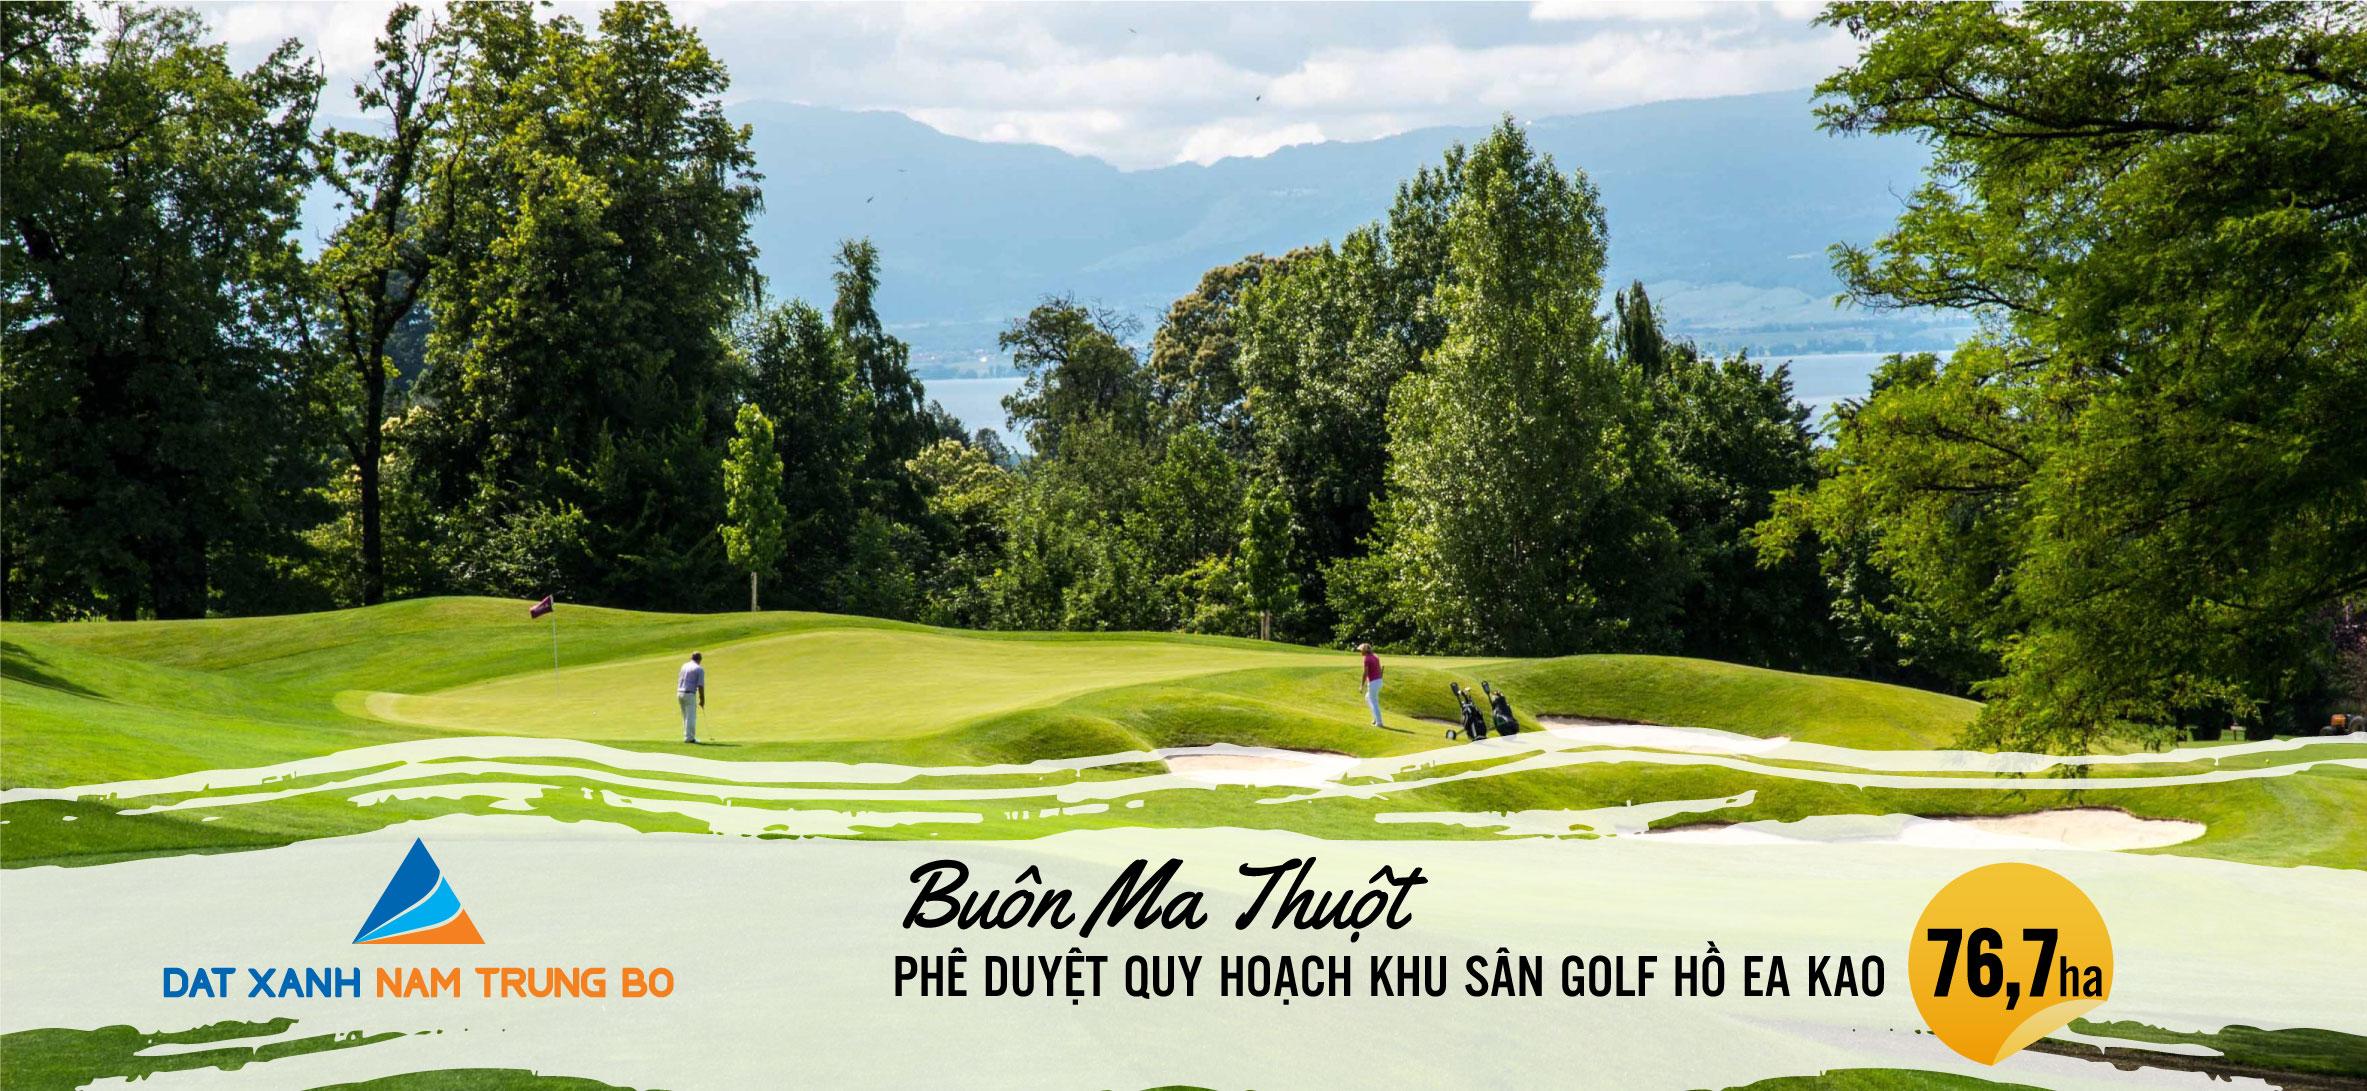 Phê duyệt quy hoạch sân Golf hồ EaKao Buôn Ma Thuột